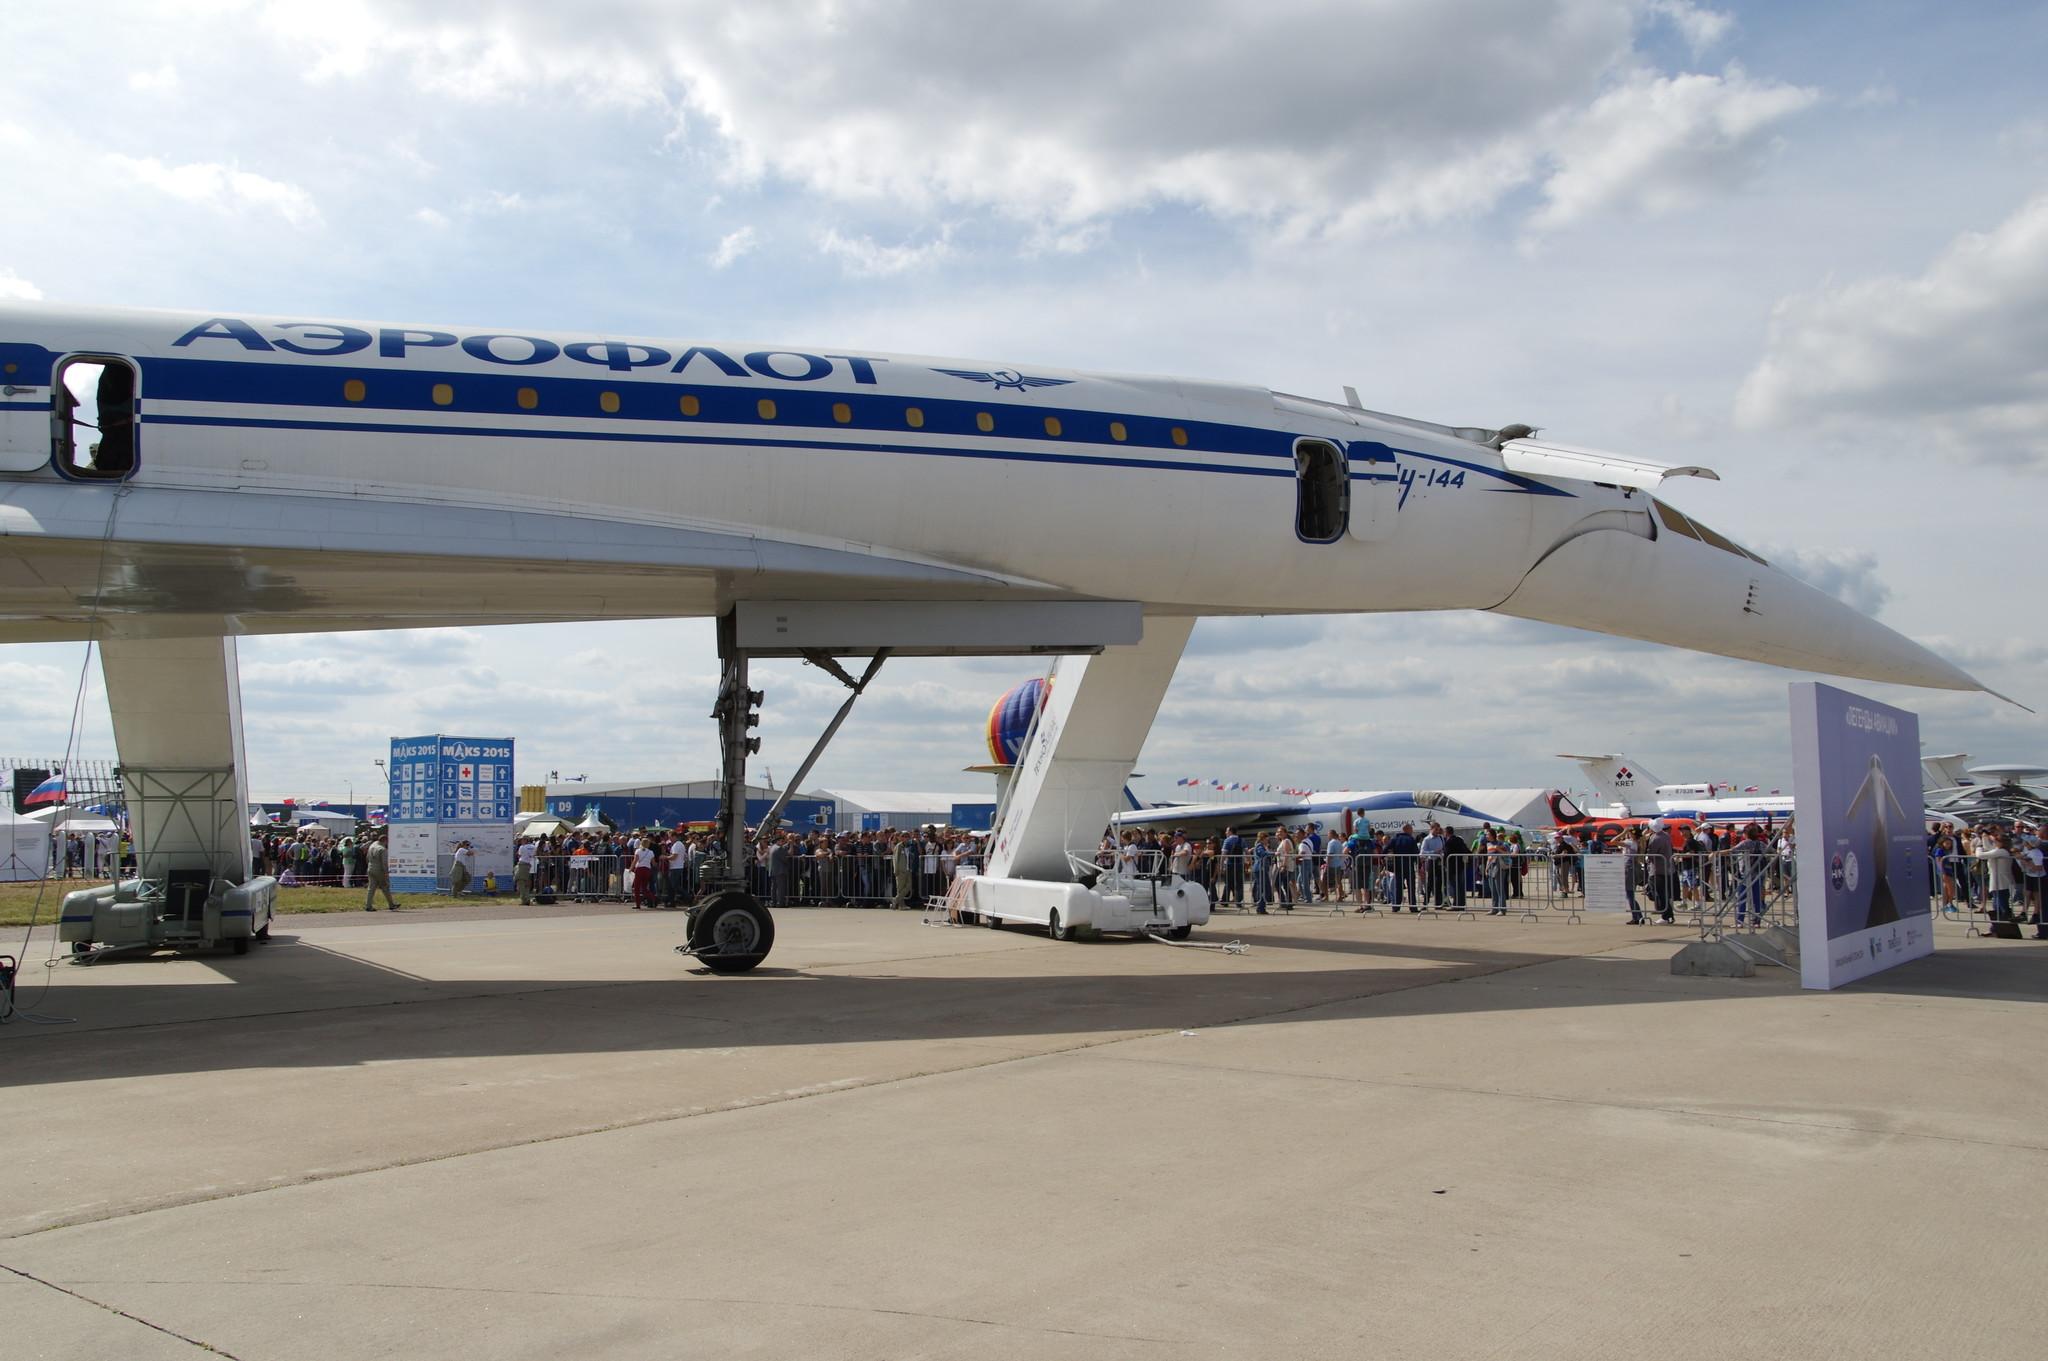 Ту-144 — сверхзвуковой пассажирский самолёт, разработанный КБ Туполева в 1960-е годы